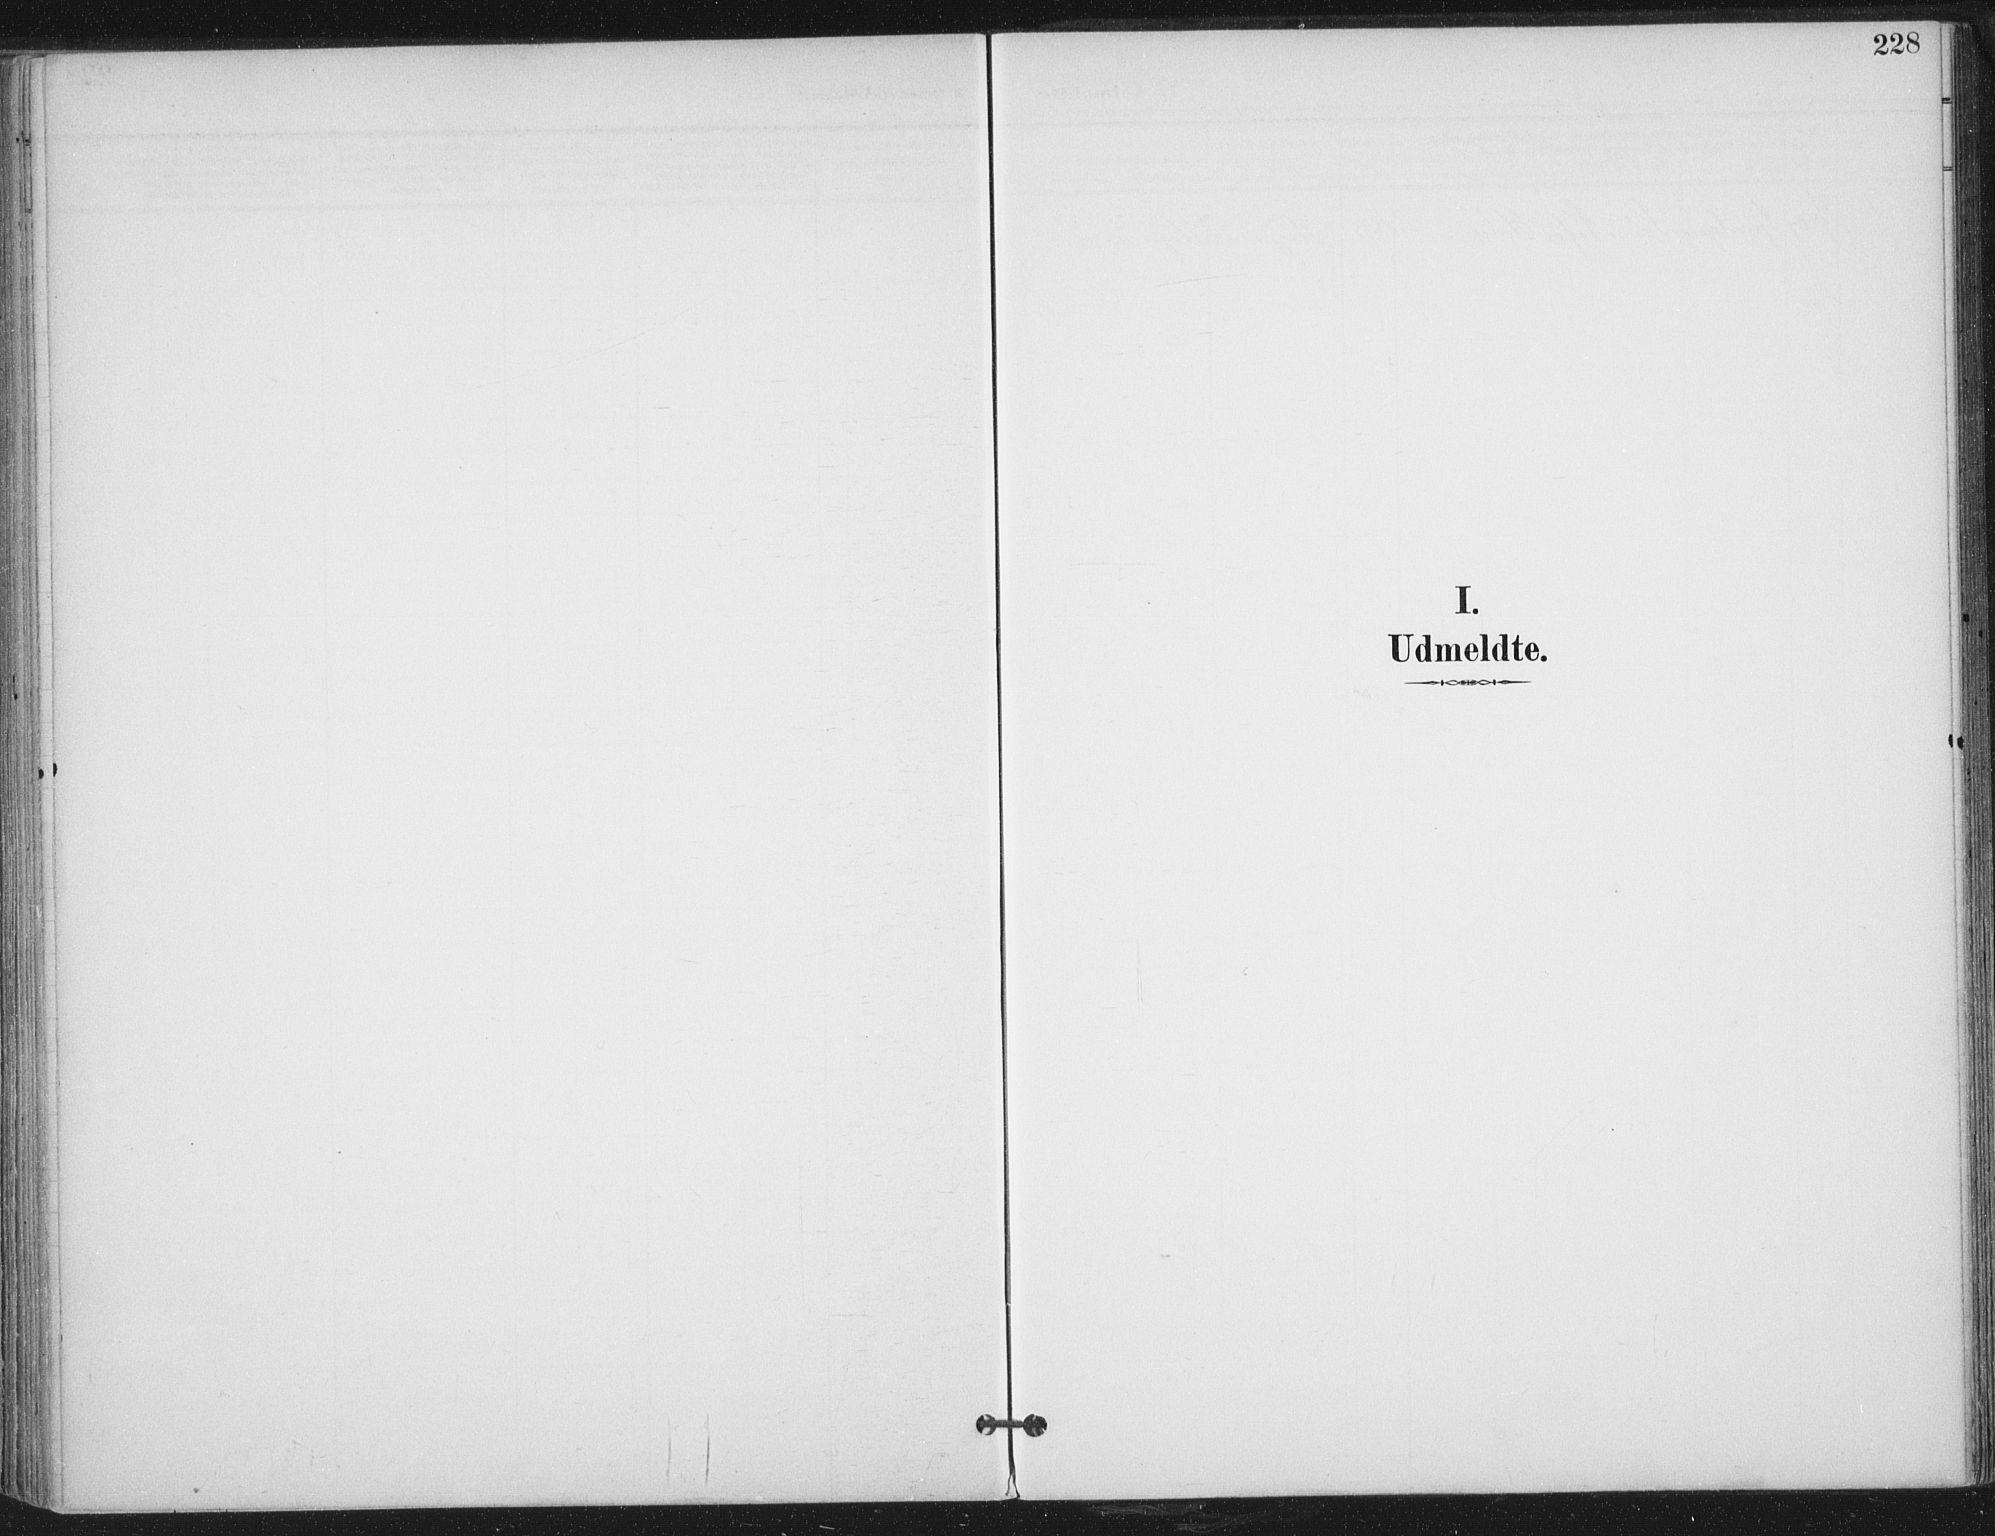 SAT, Ministerialprotokoller, klokkerbøker og fødselsregistre - Nord-Trøndelag, 703/L0031: Ministerialbok nr. 703A04, 1893-1914, s. 228